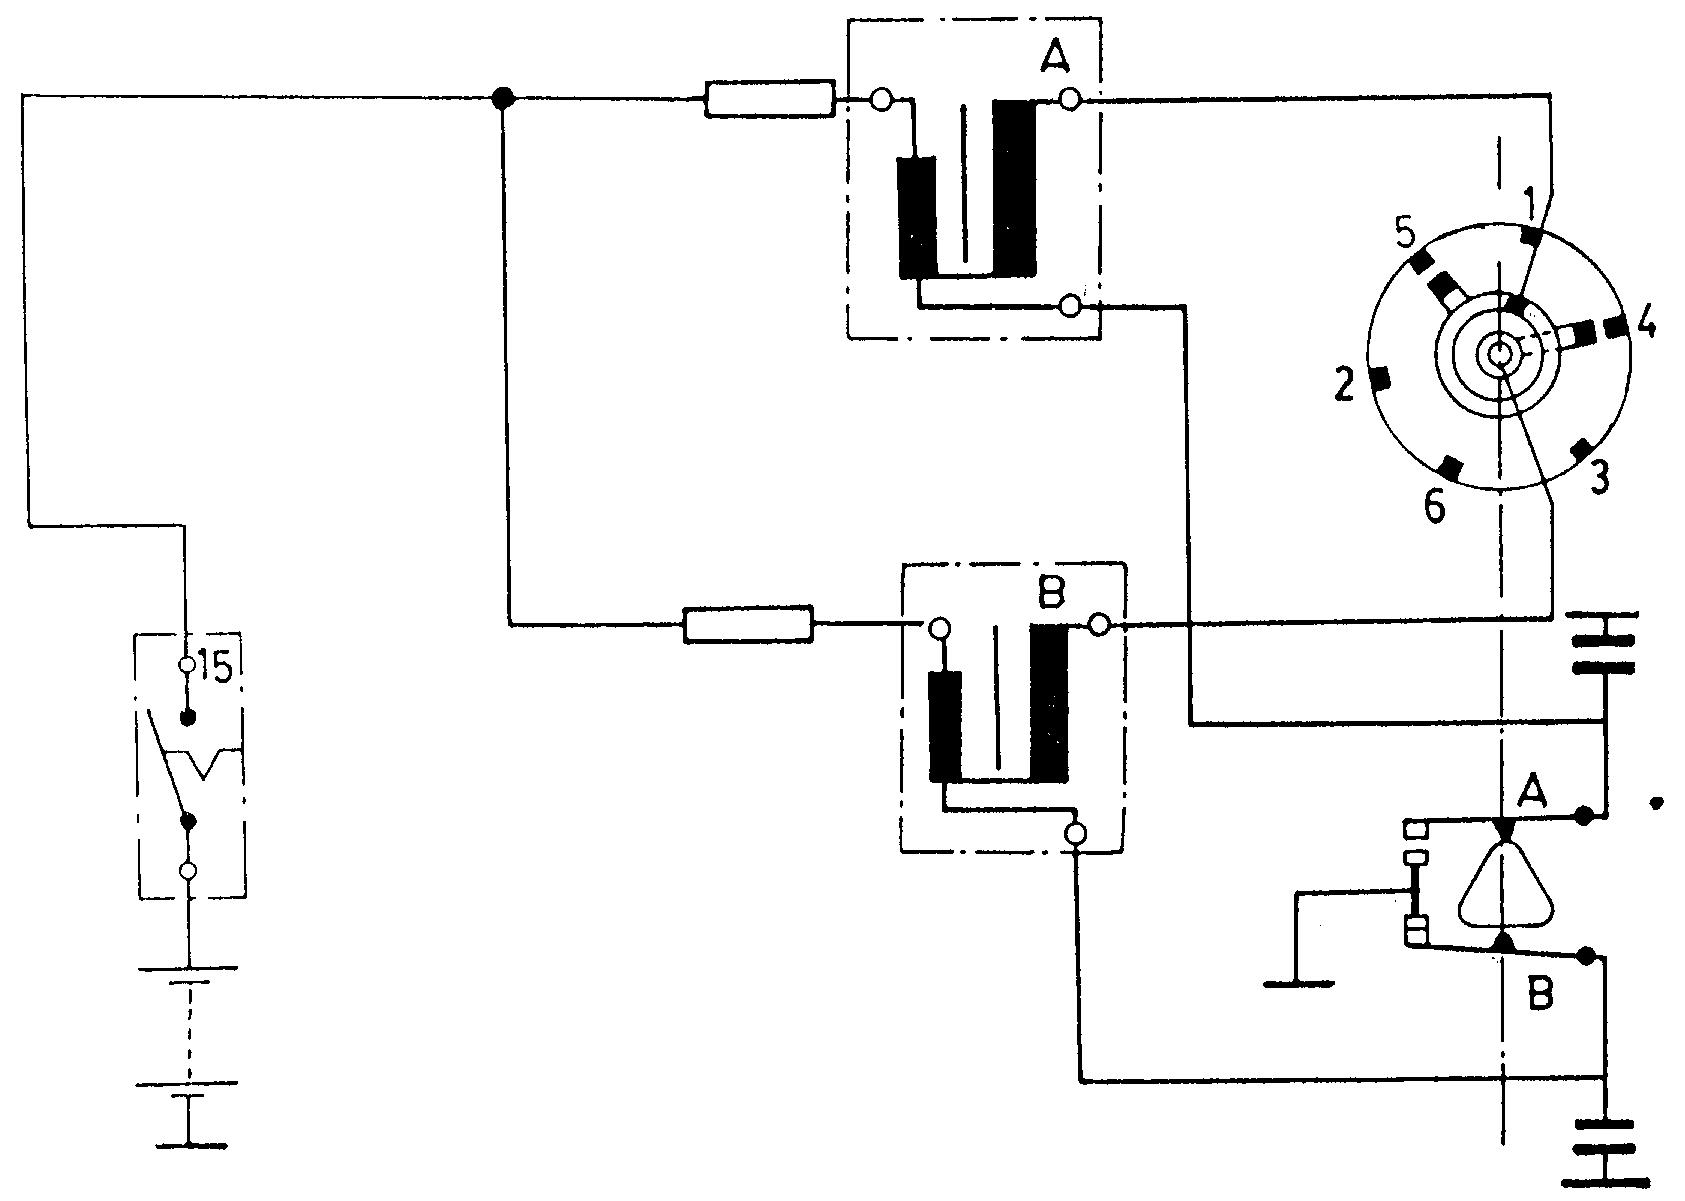 Teknik kendaraan ringan smkkn 3 kuningan sistem pengapian dengan ccuart Gallery